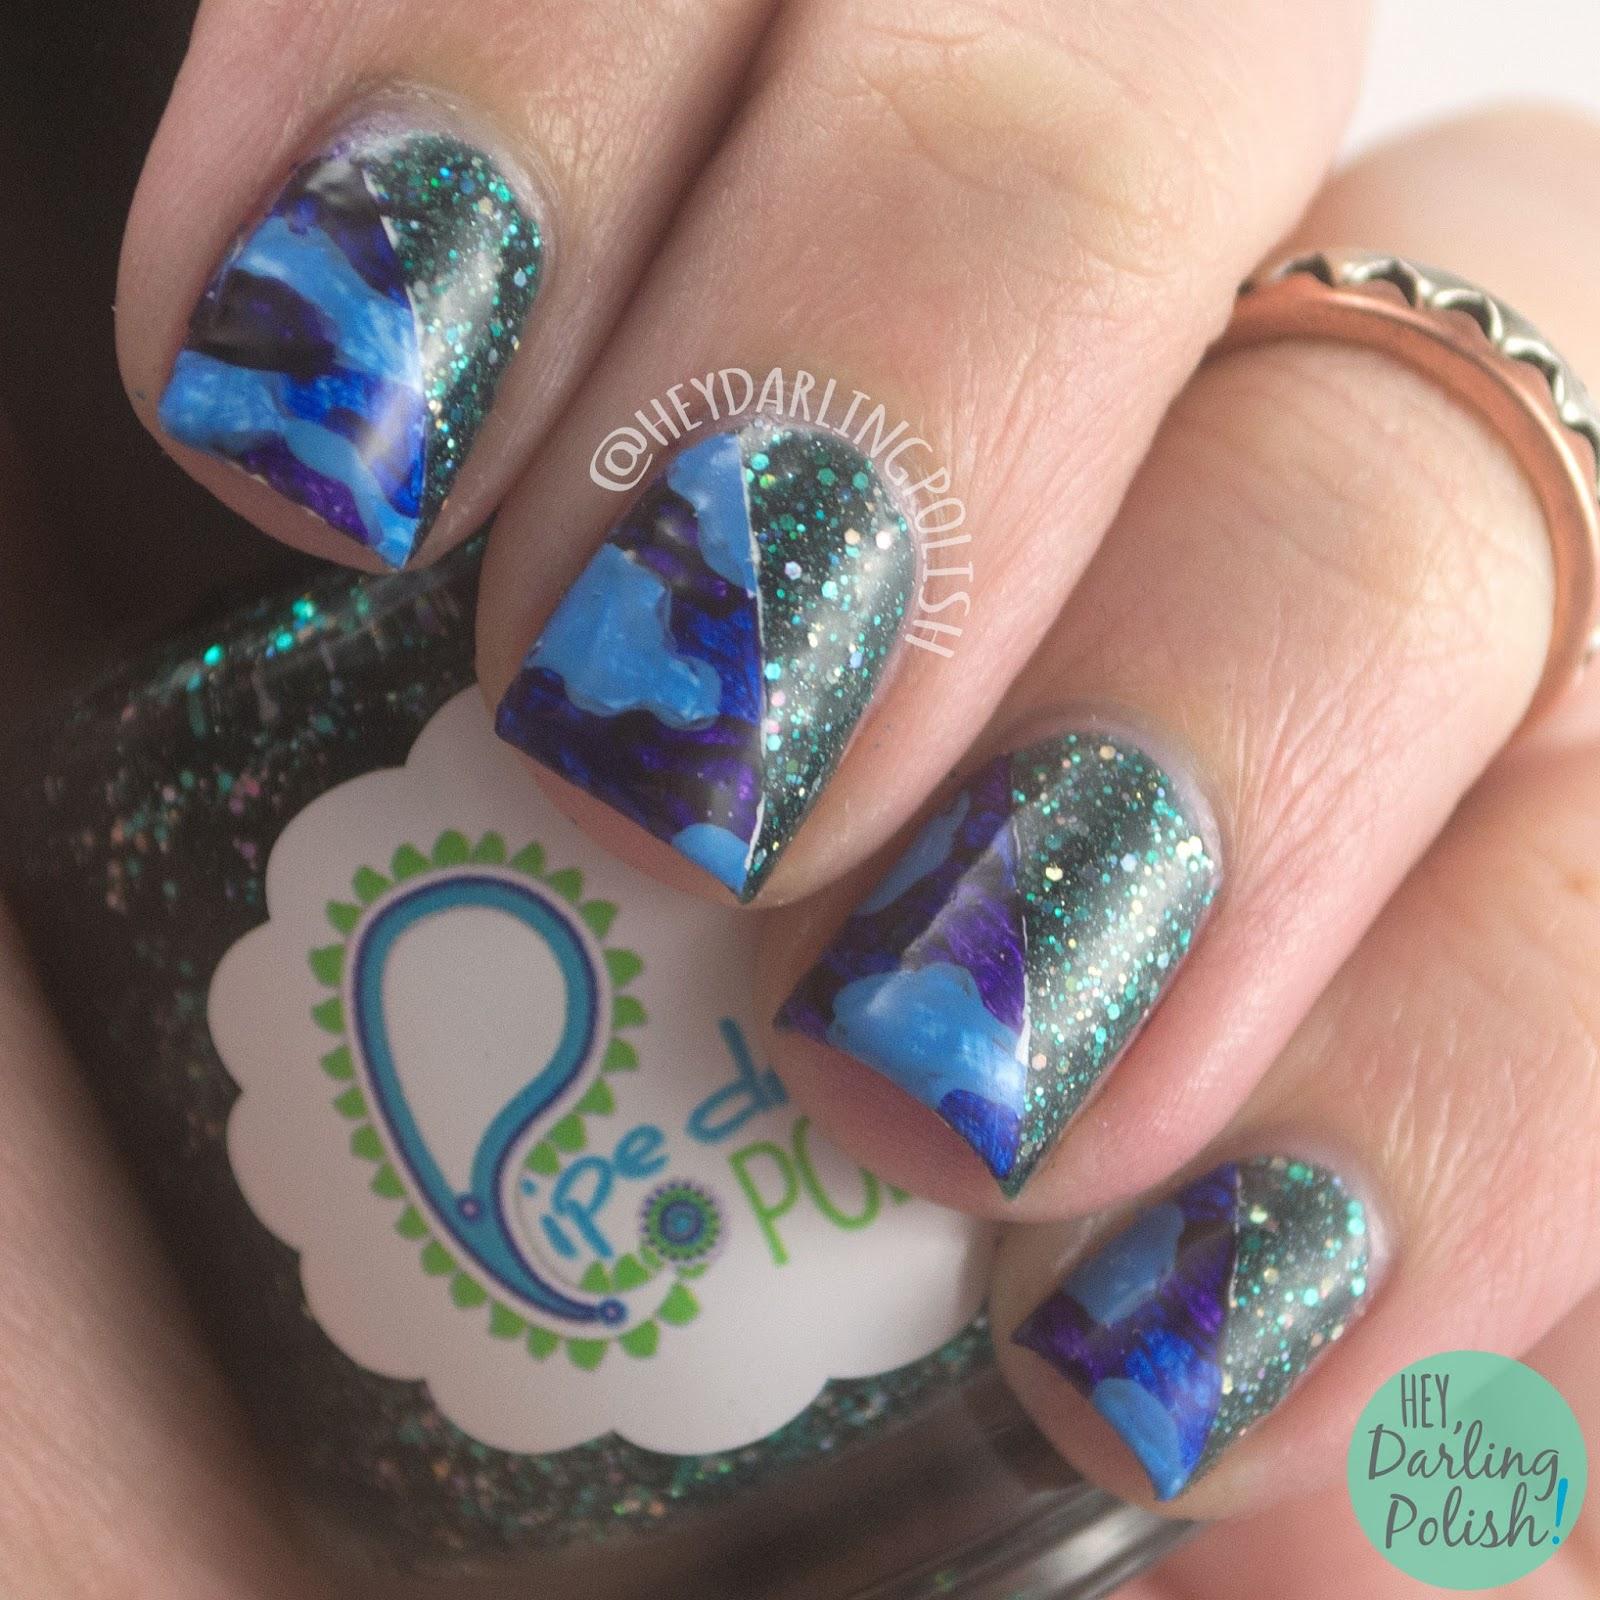 nails, nail art, nail polish, green, glitter, camouflage, hey darling polish, 52 week challenge,